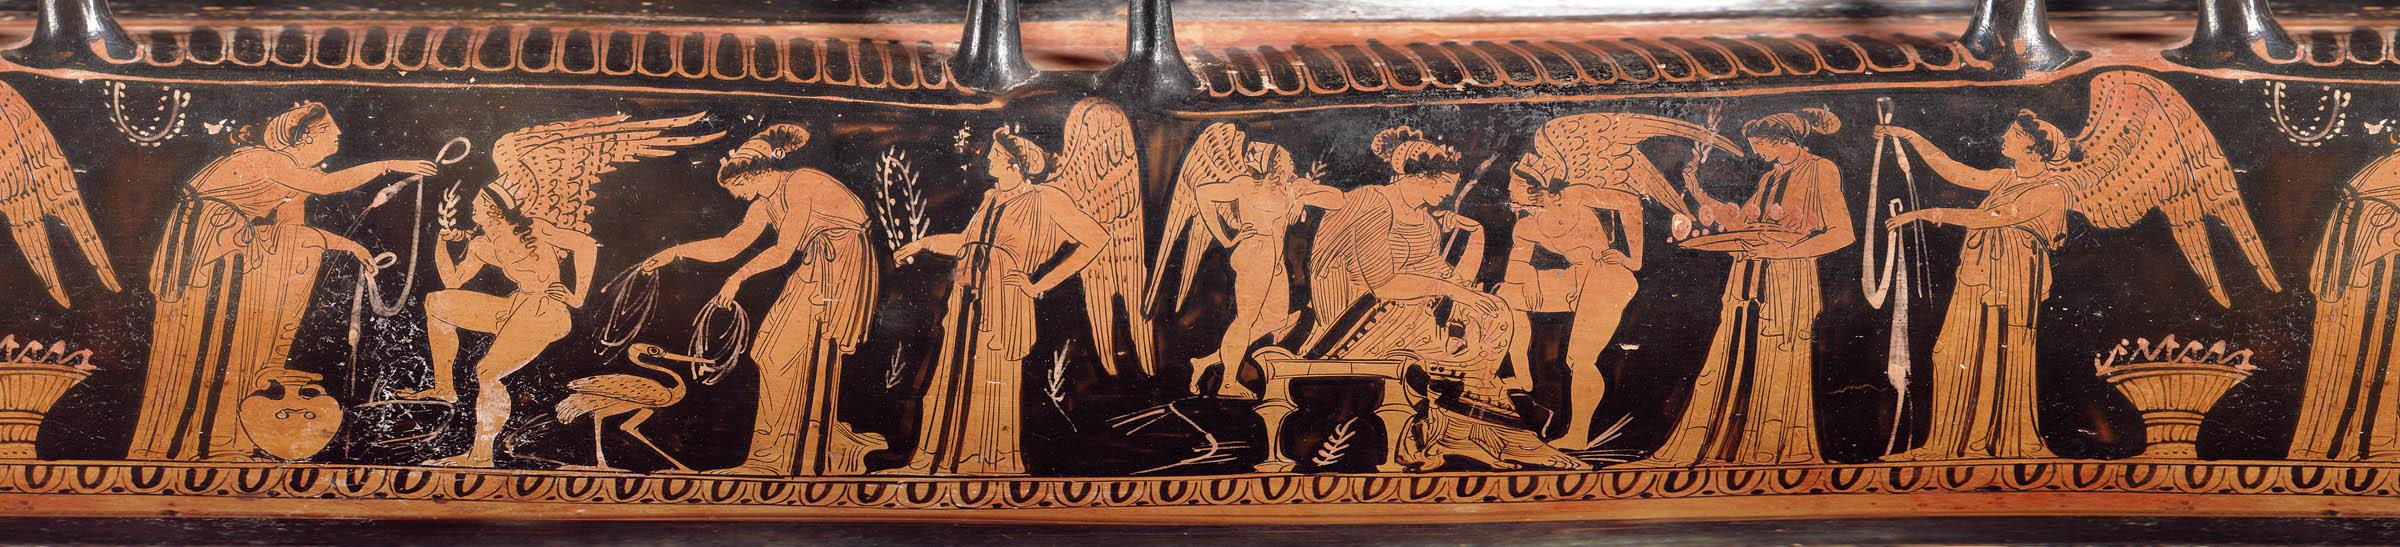 Сцена с изображением свадебного шествия с лебес-гамикоса (дарственного сосуда), конец V — начало IV в. до н.э. (Музей изящных искусств, Бостон)